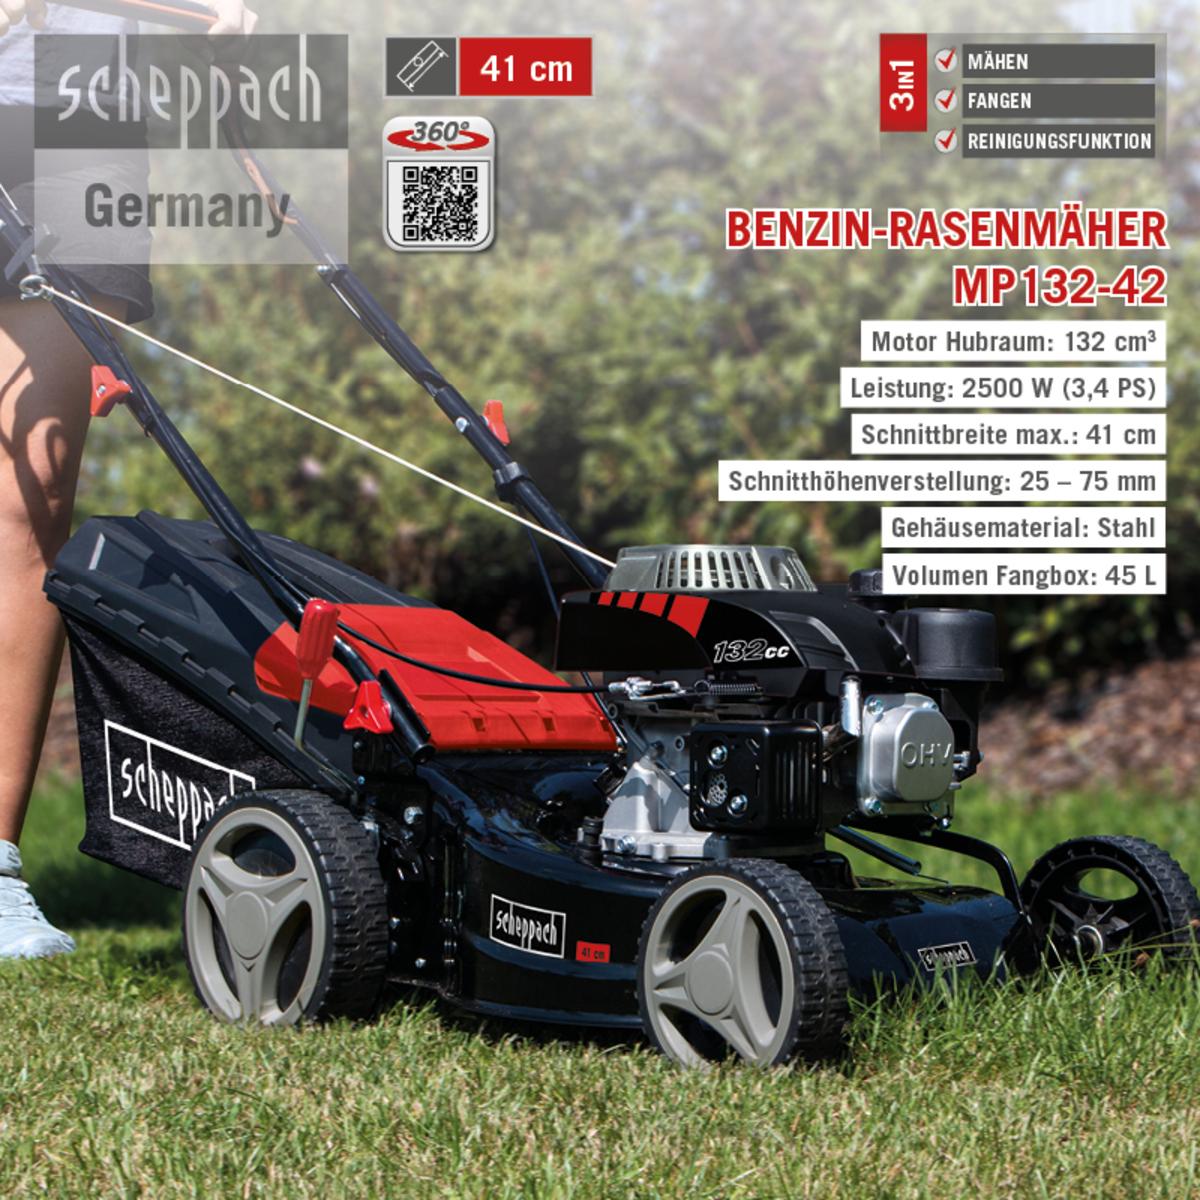 Bild 1 von Scheppach Benzin-Rasenmäher MP132-42